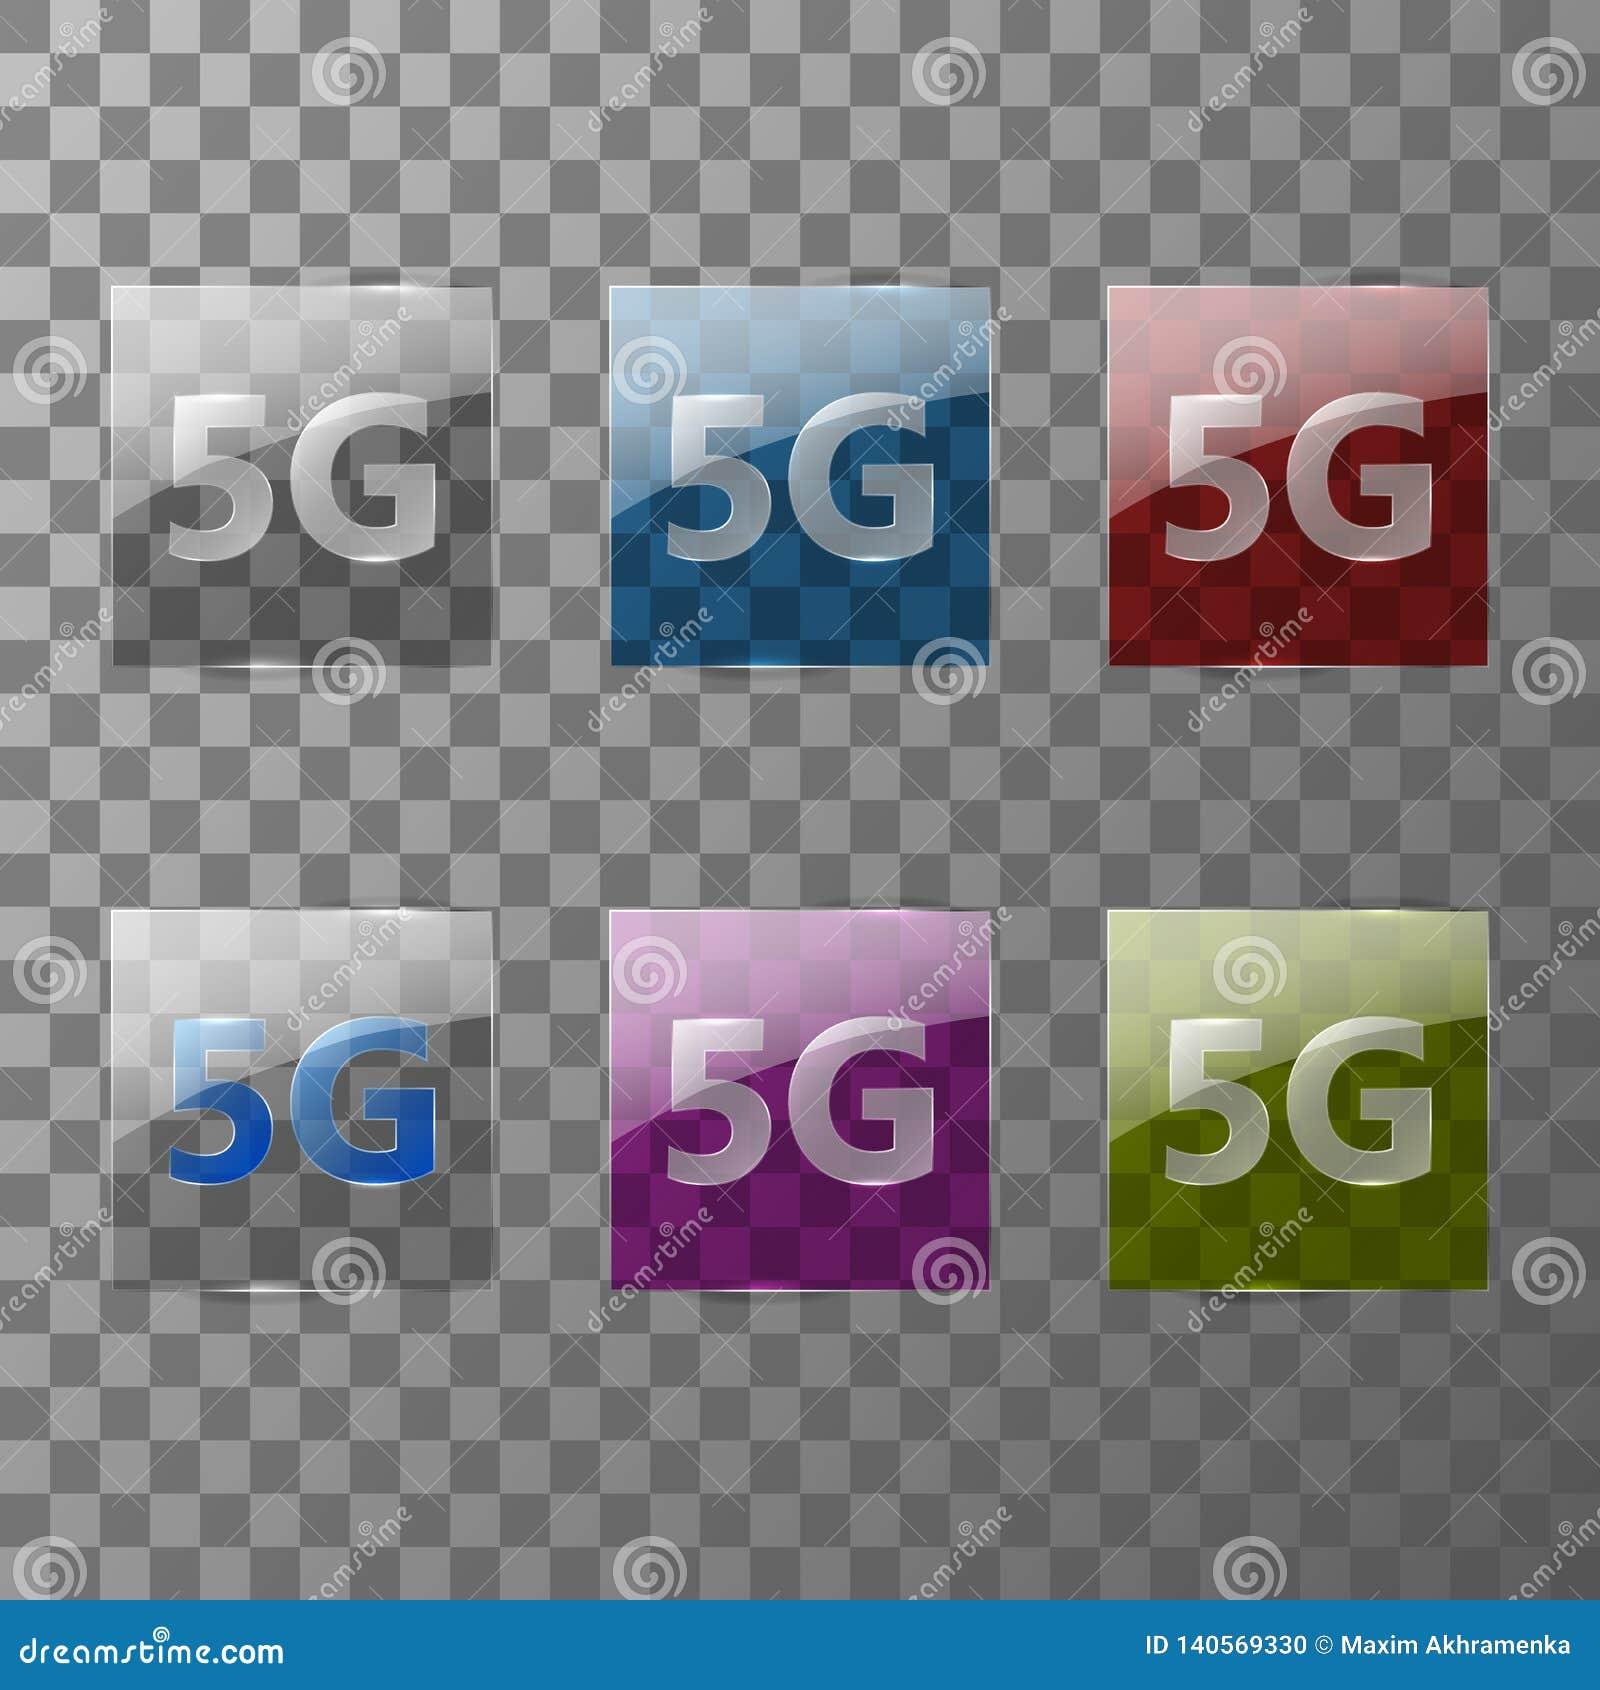 Nowożytna 5G sygnału przekazu technologia przedstawia na barwiących przejrzystych szklanych talerzach